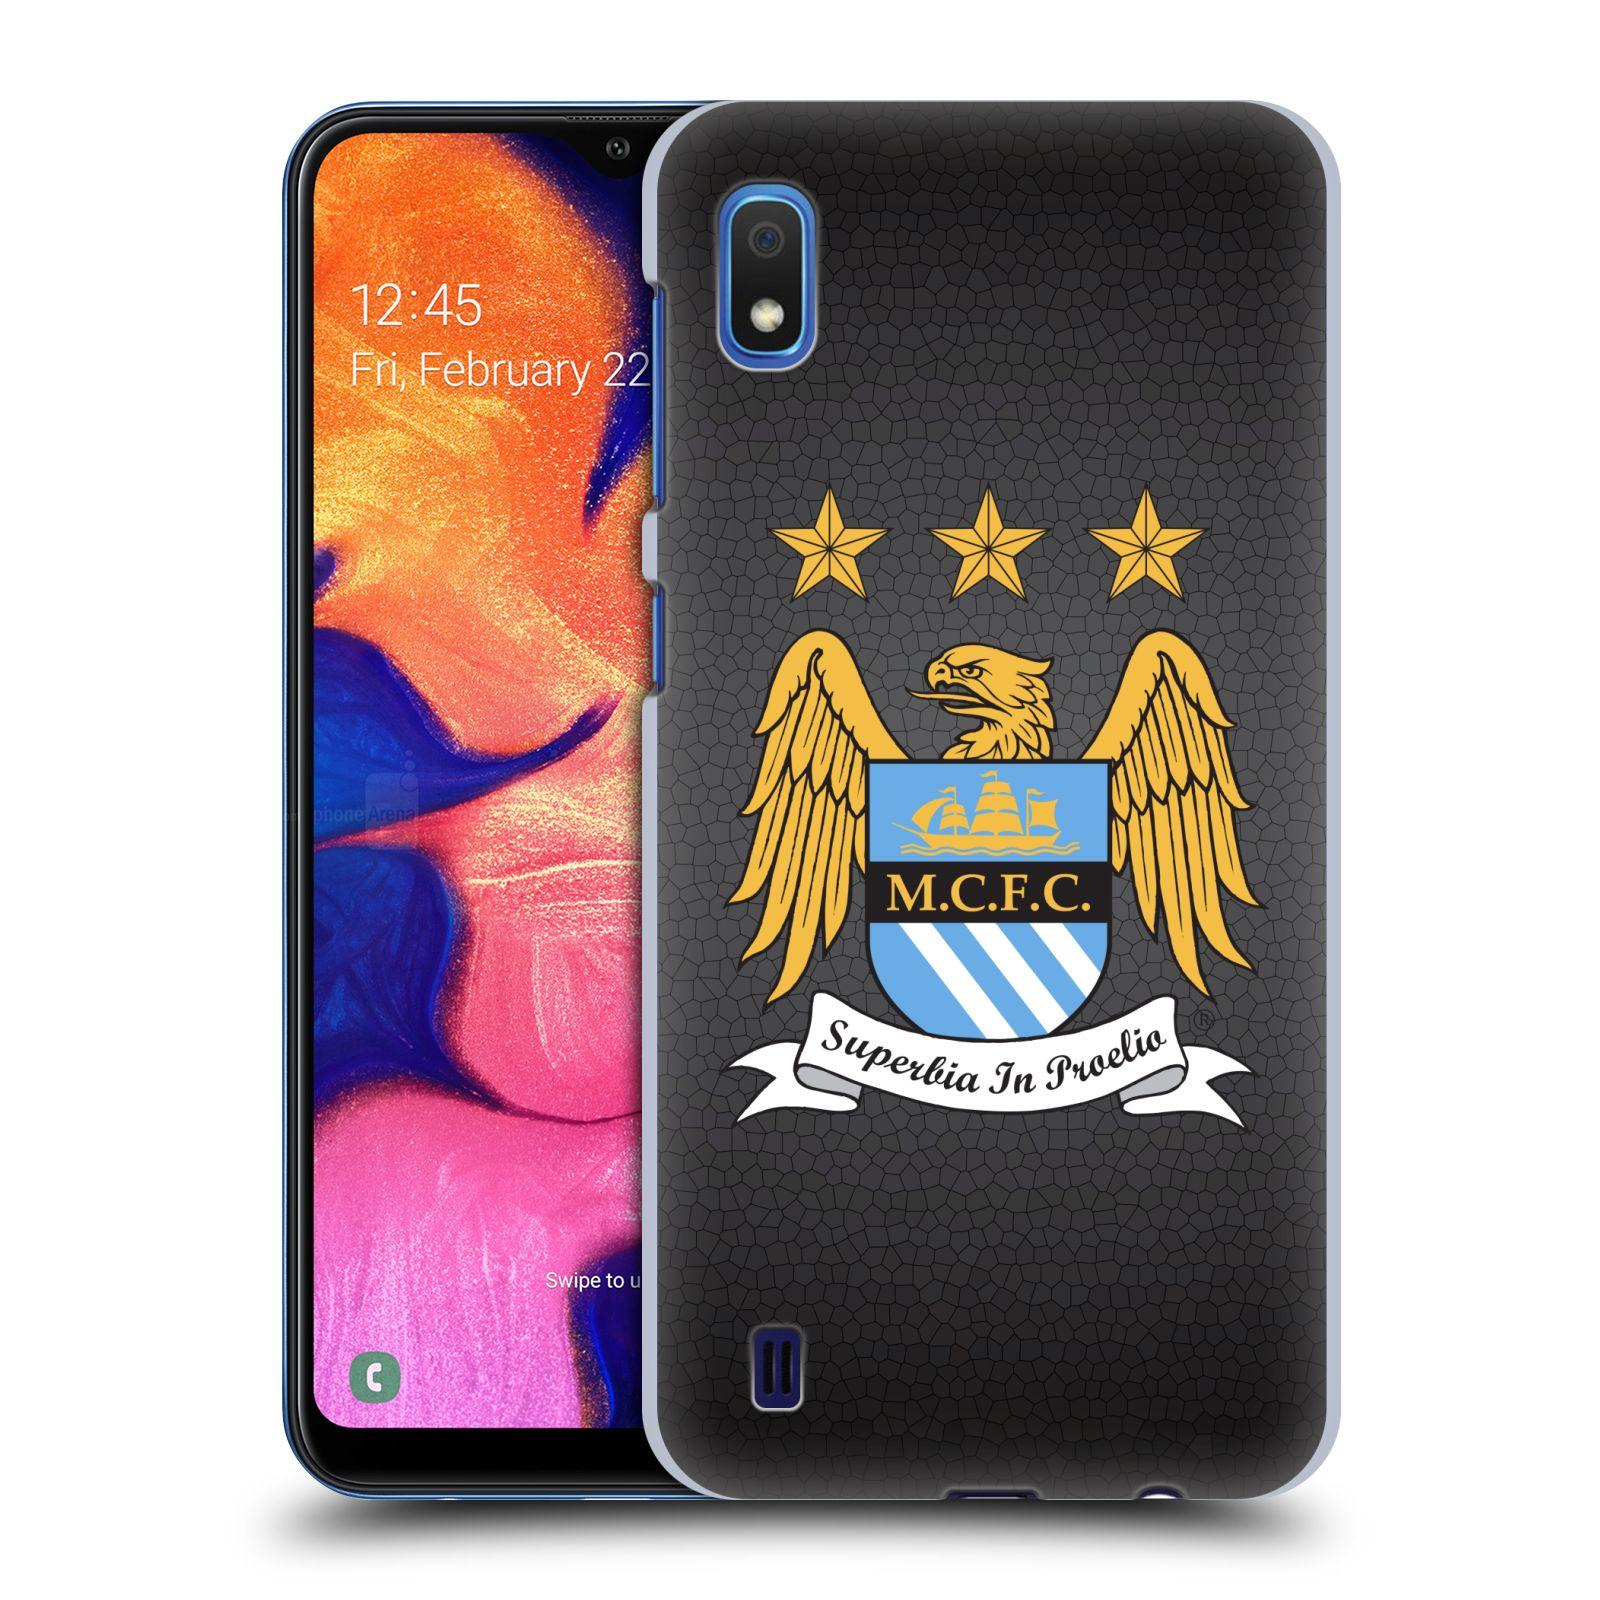 Plastové pouzdro na mobil Samsung Galaxy A10 - Head Case - Manchester City FC - Superbia In Proelio